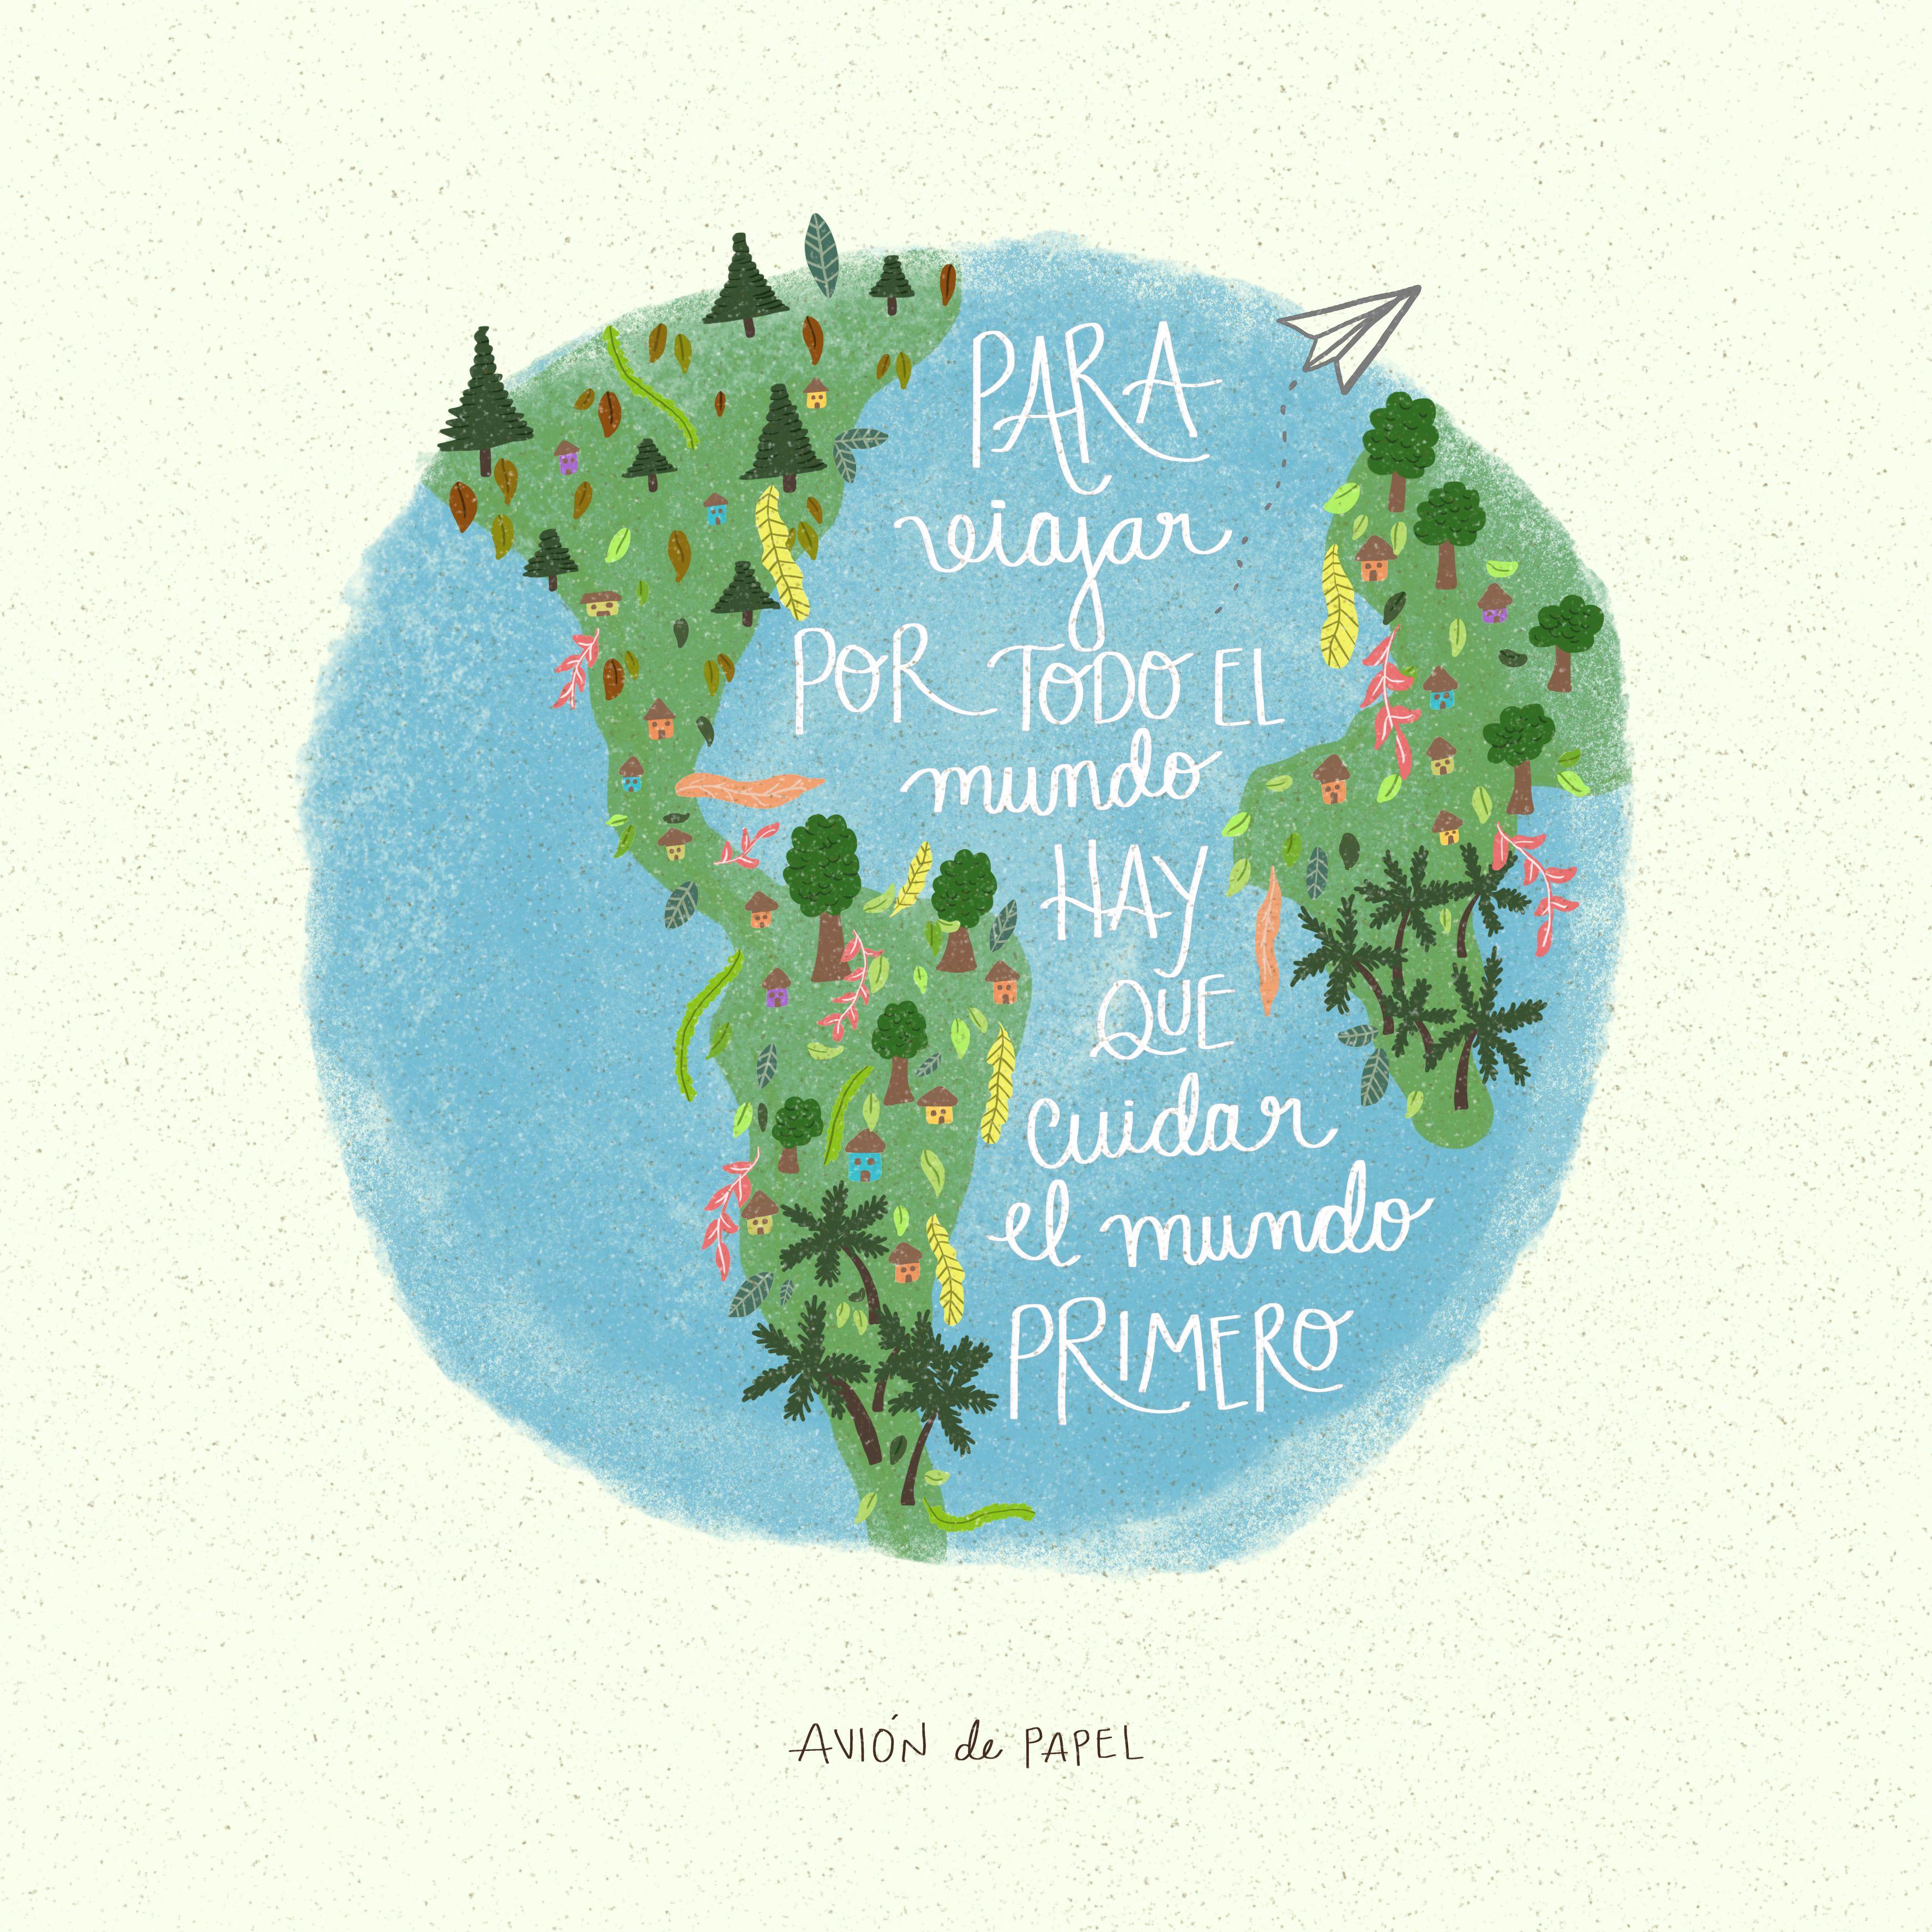 Design Diseño Art Arte Ilustracion Illustration Drawing Draw Blog Blogging P Frases Ambientales Imagenes Del Medio Ambiente Cuidado De La Naturaleza